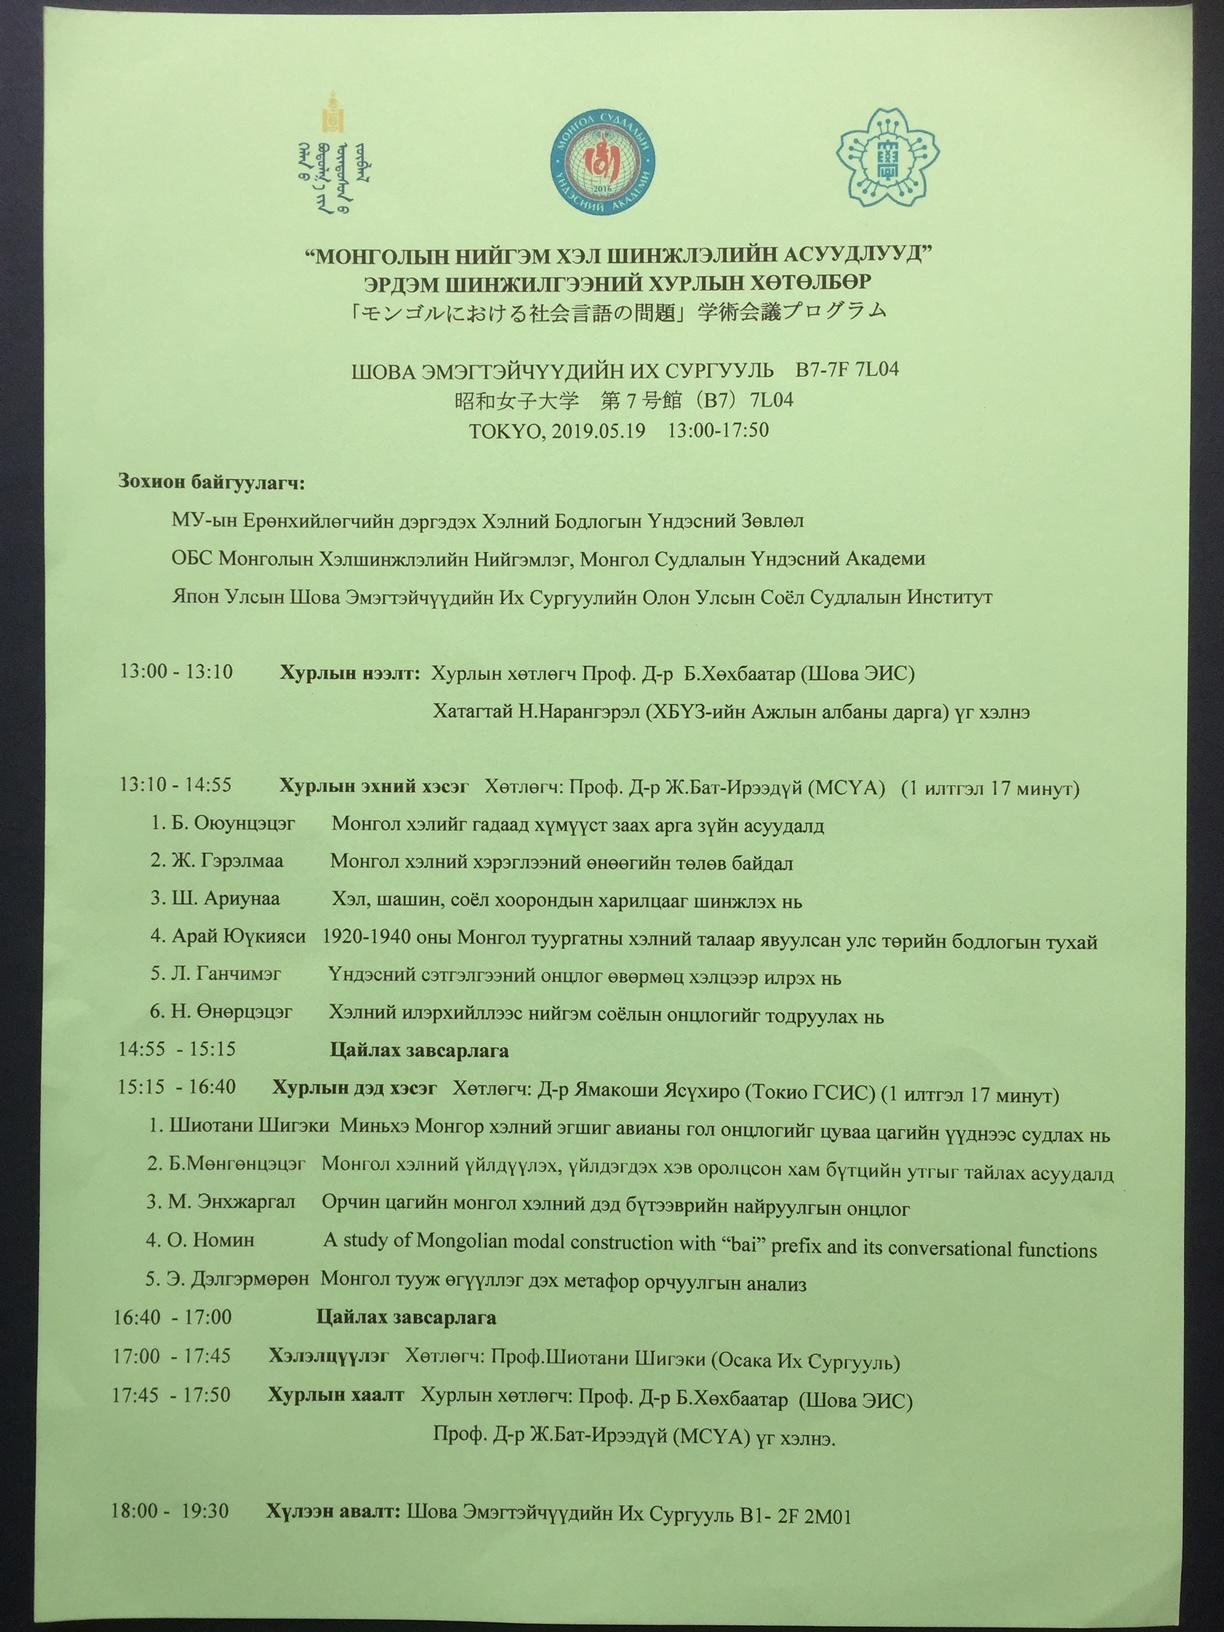 モンゴル社会言語学学術会議2